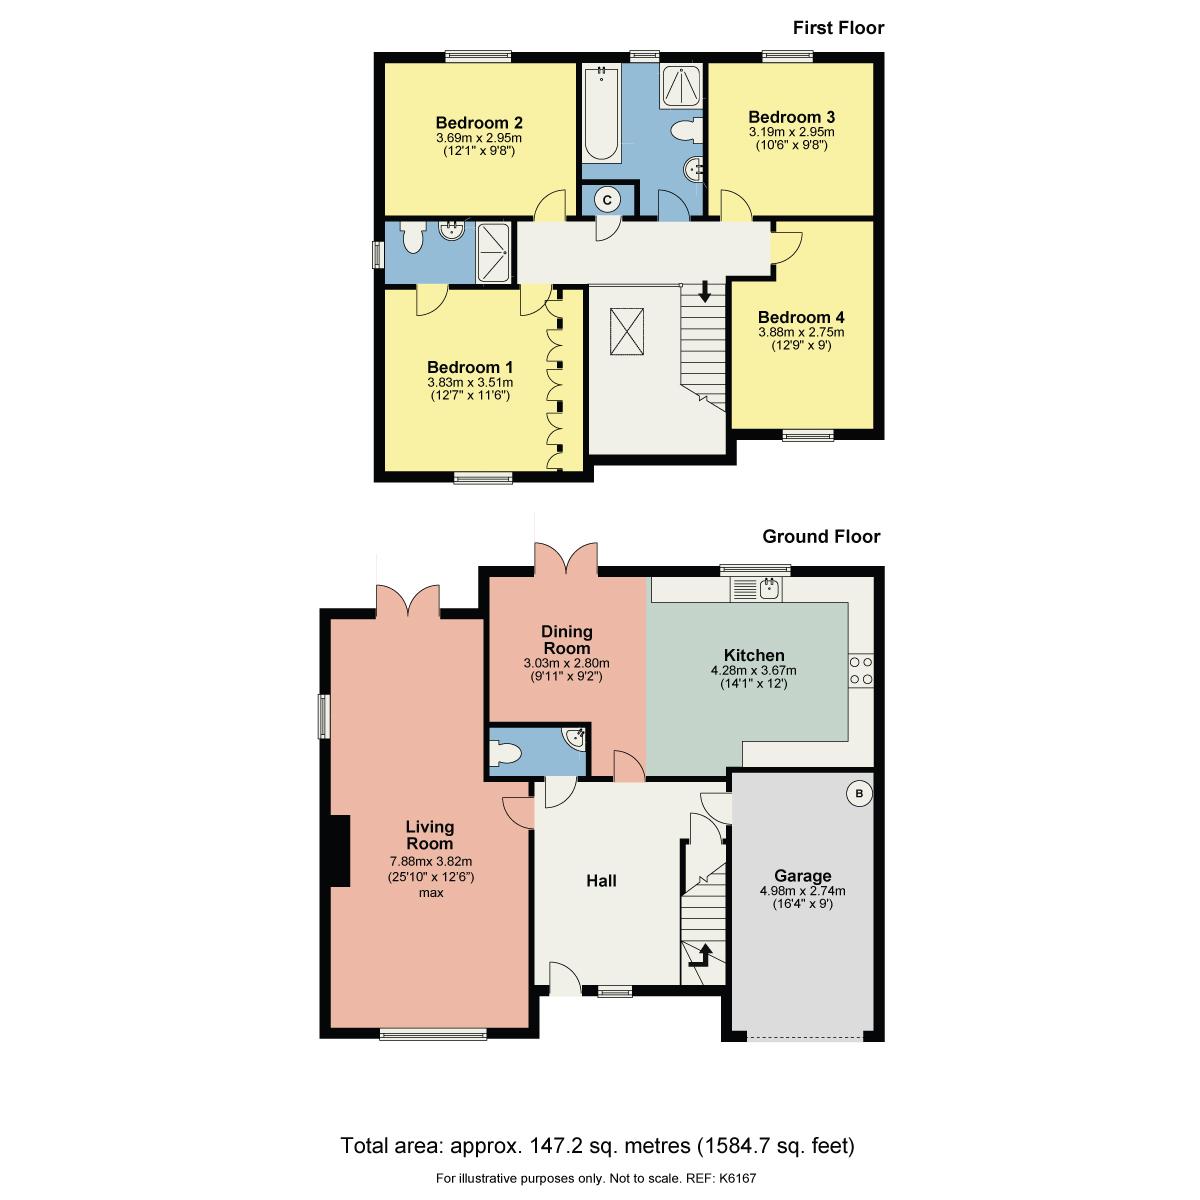 Floorplan 1 Redwood Drive, Kendal, Cumbria, LA9 7FL